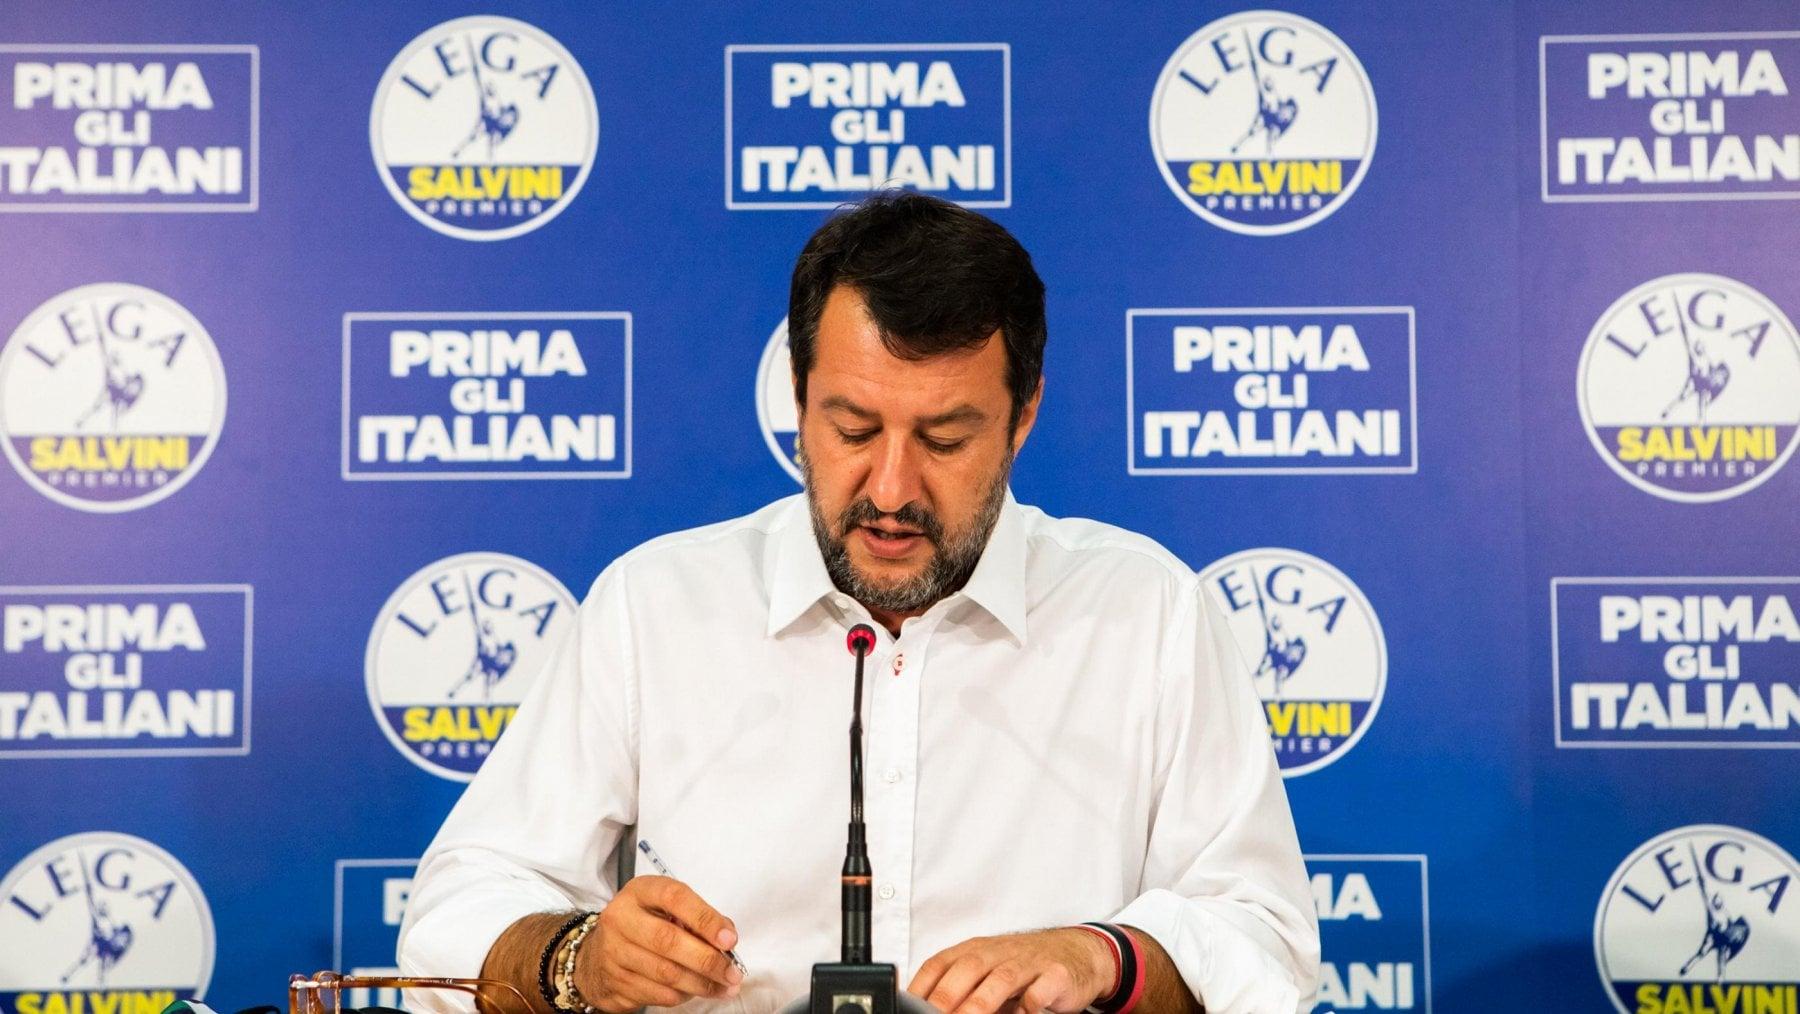 """Elezioni, dopo la sconfitta Salvini rilancia: """"Ci rifaremo a Milano e Roma"""""""